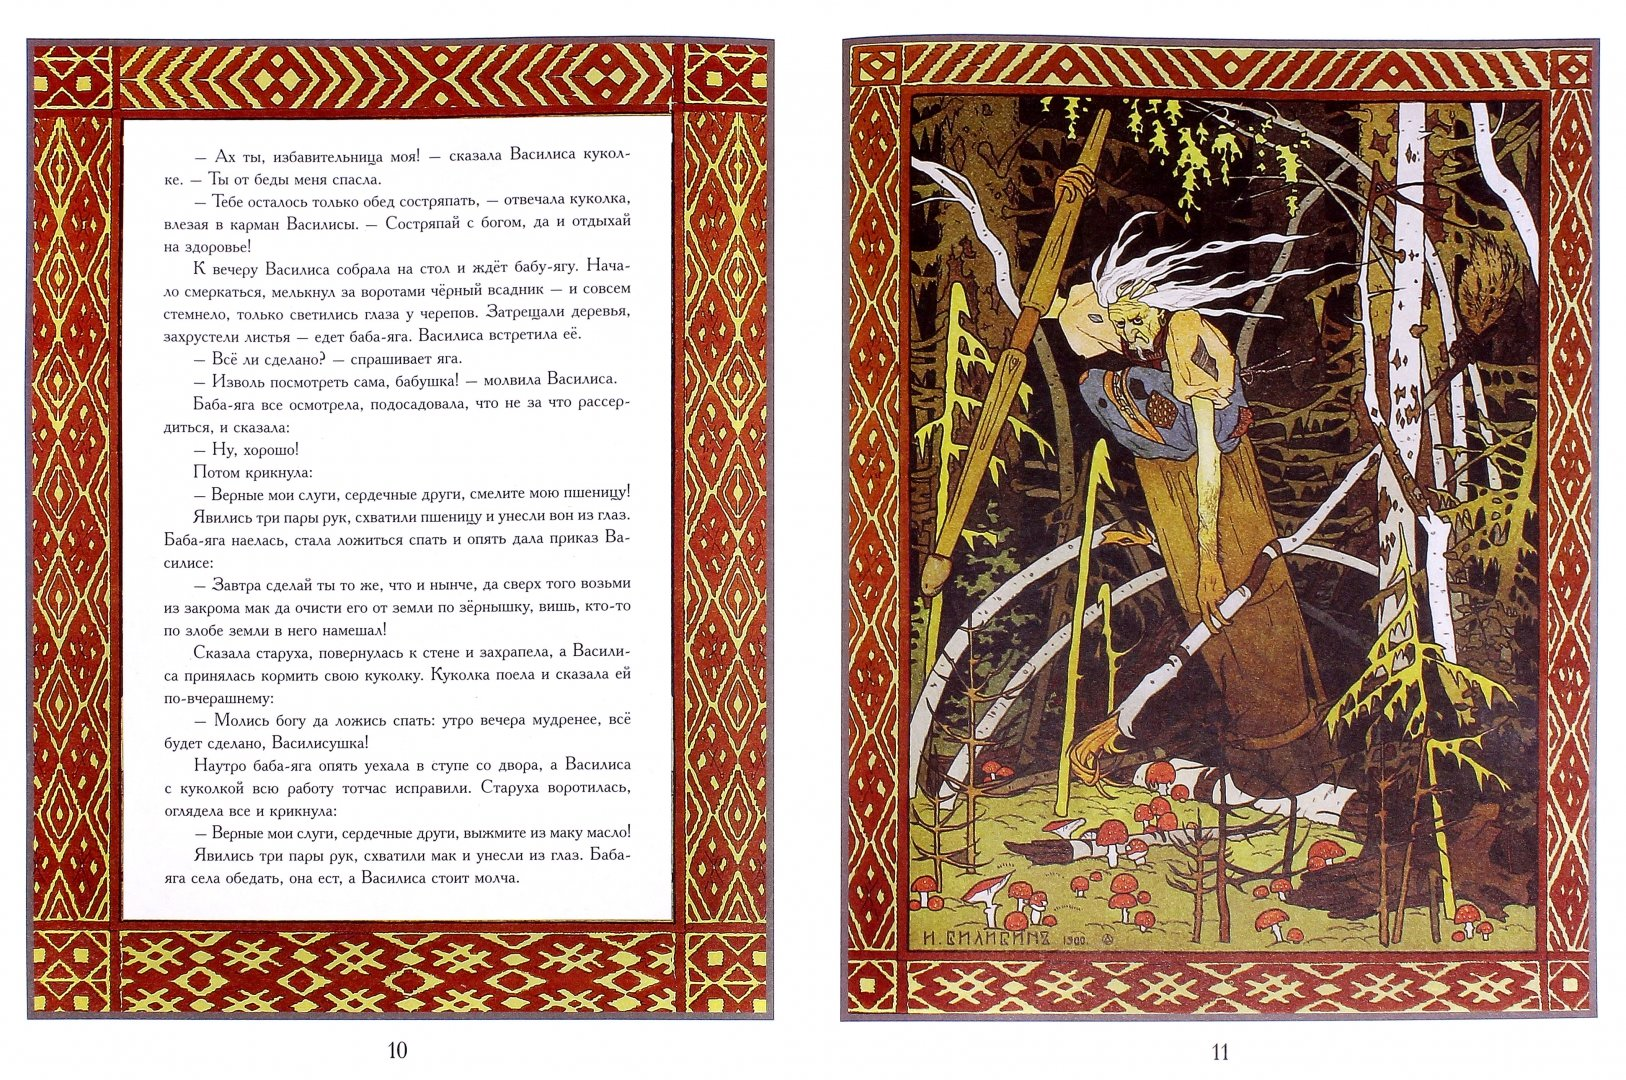 нахождении книги с иллюстрациями билибина ситуации